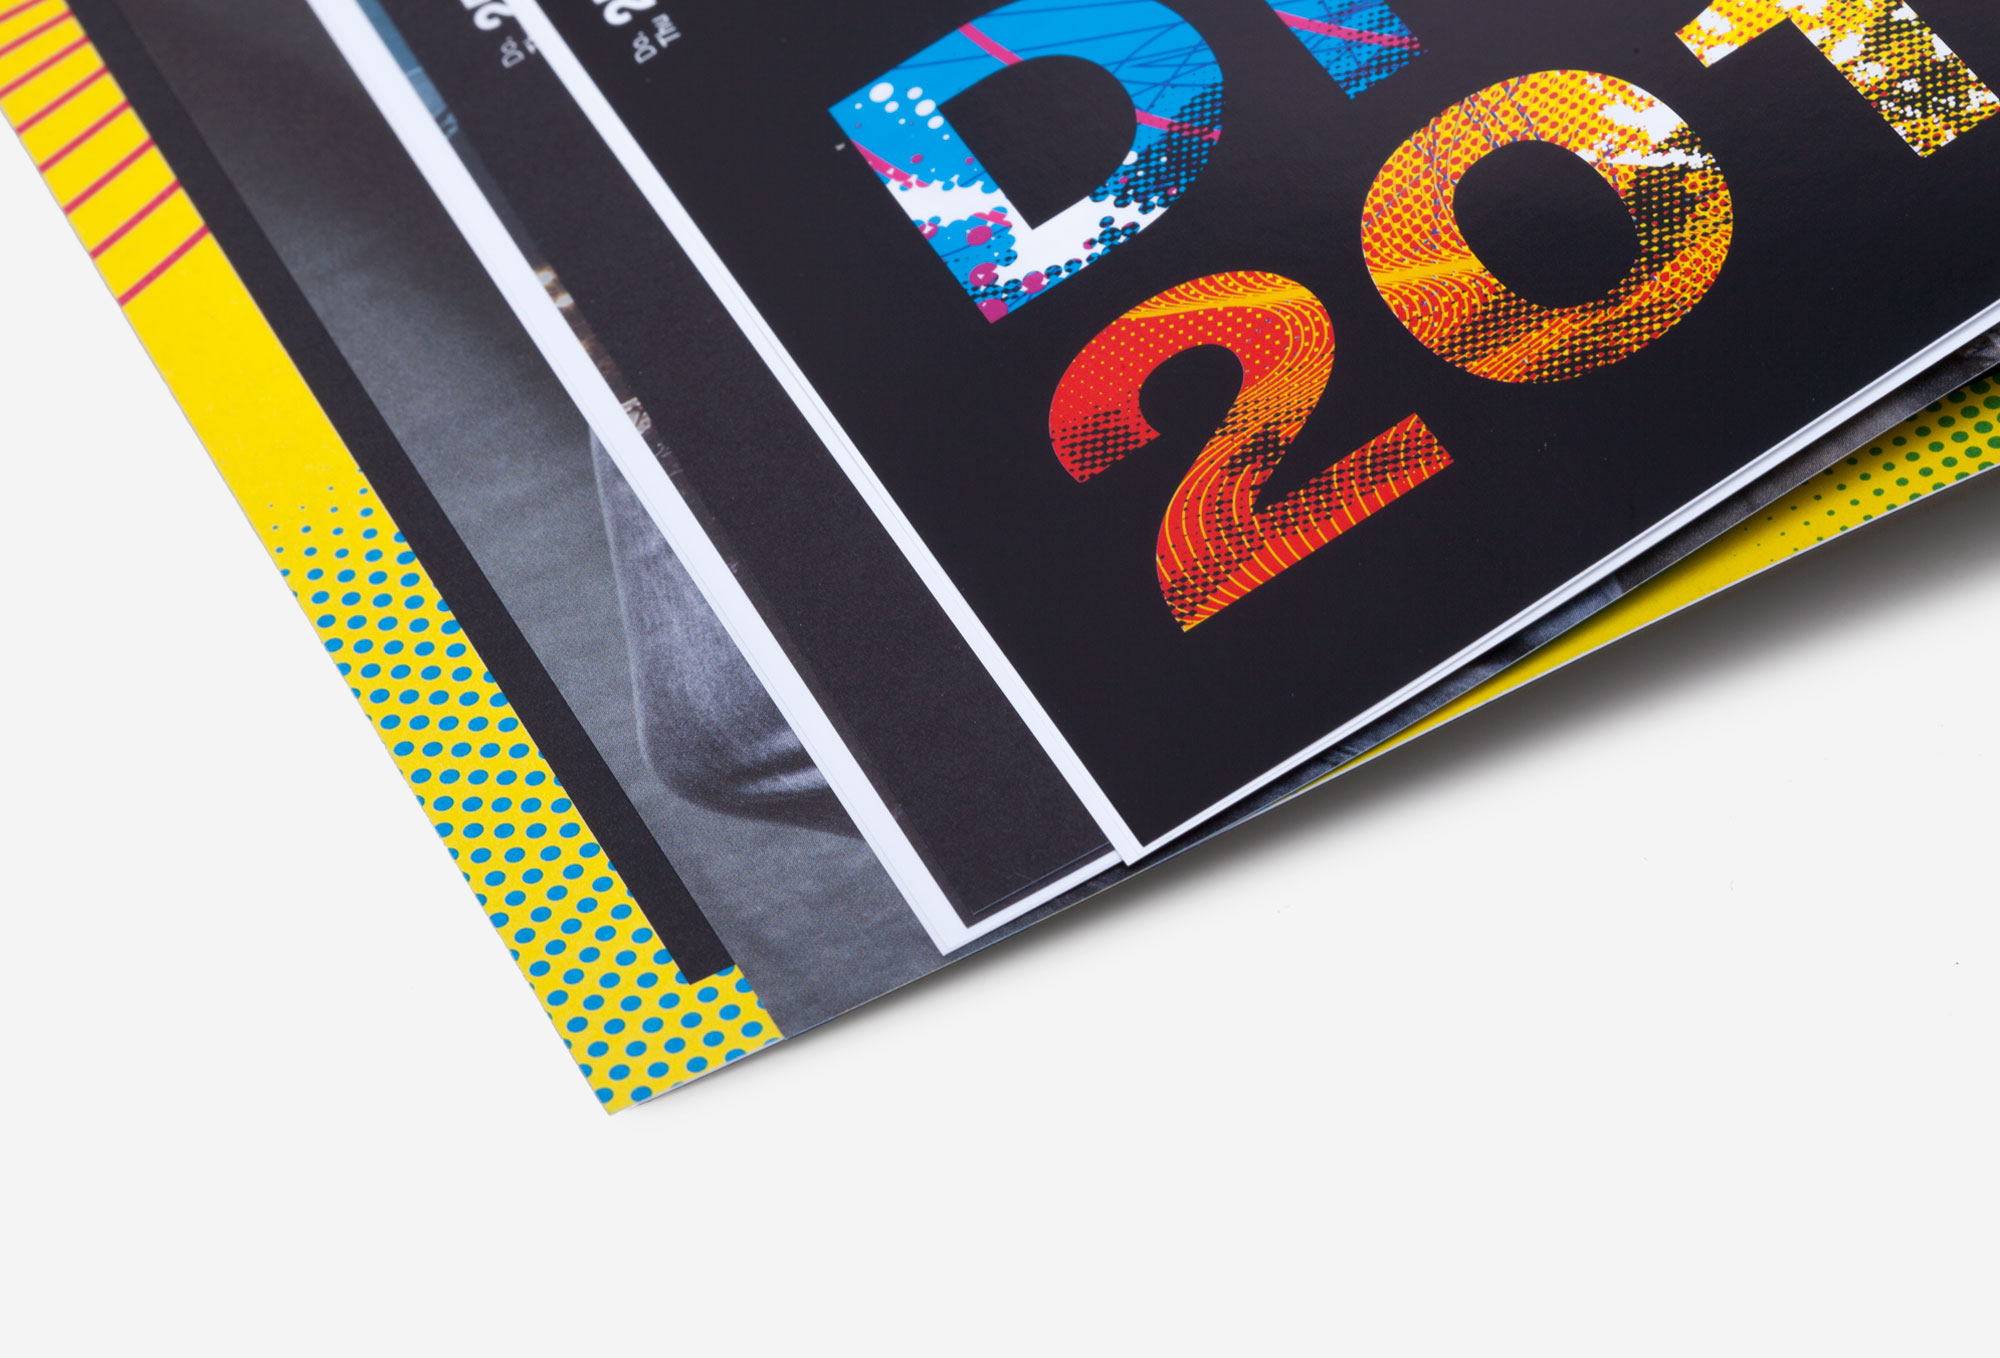 75a aus Stuttgart entwickelt das Corporate Design von Colours International Dance Festival 2015 presented by Eric Gauthier